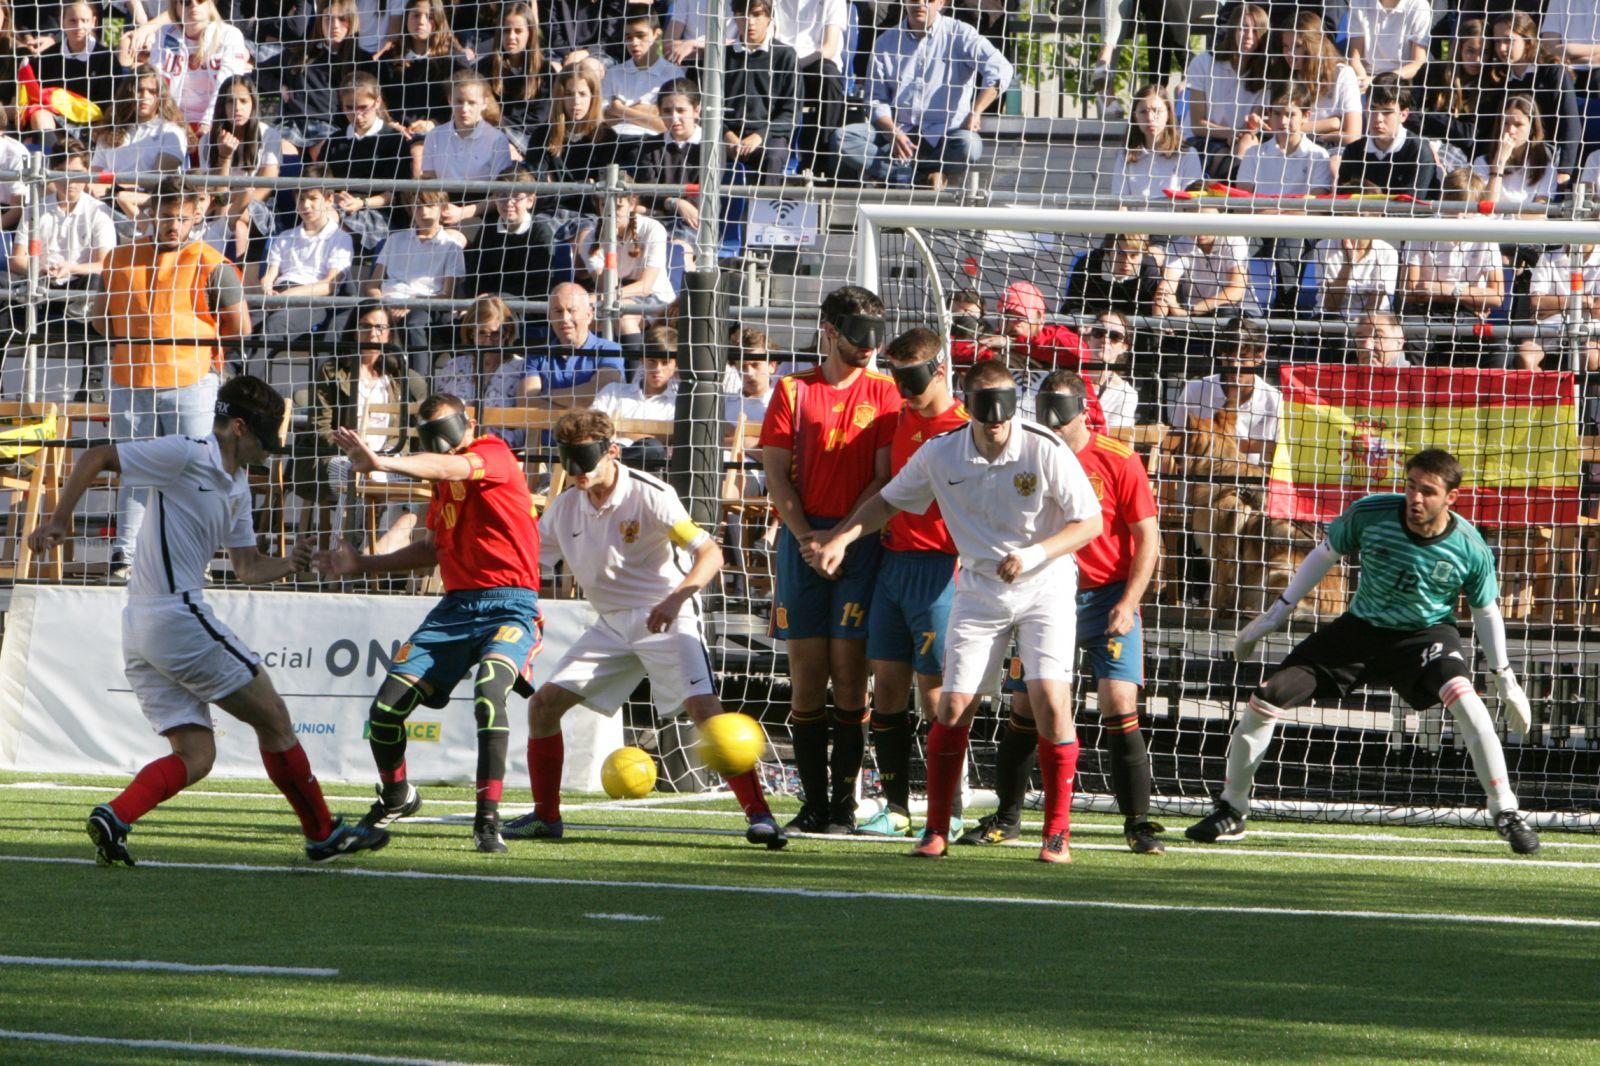 Сборная команда России вышла в полуфинал чемпионата мира по мини-футболу 5х5 класс В1 (тотально-слепые спортсмены) в Испании